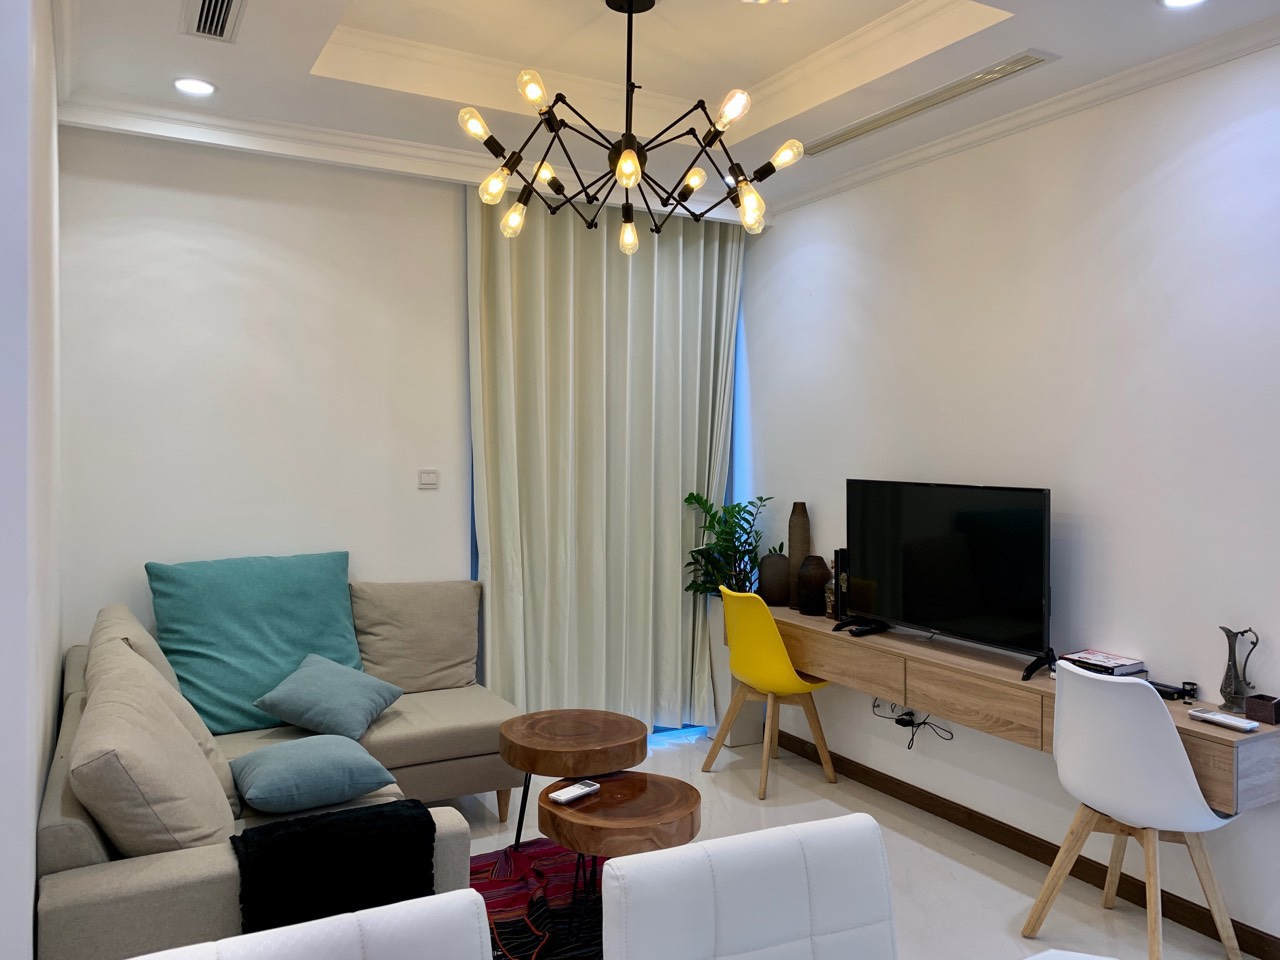 Bán căn hộ 1 phòng ngủ Vinhomes Central Park - ID 010061